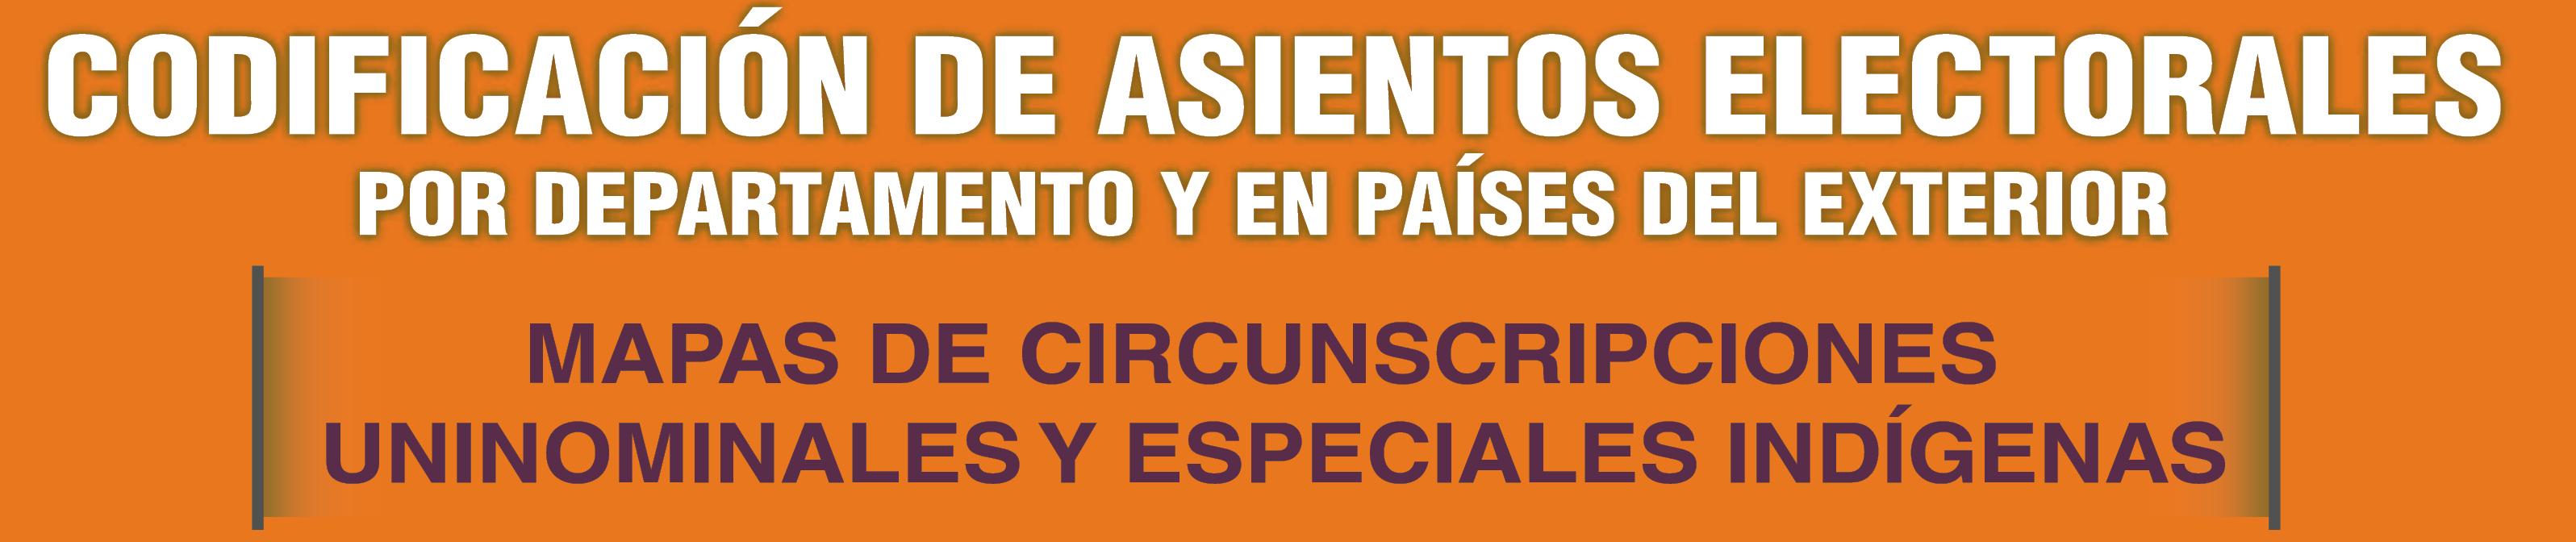 Codificacion_Asientos_Electorales_EG_2020-1